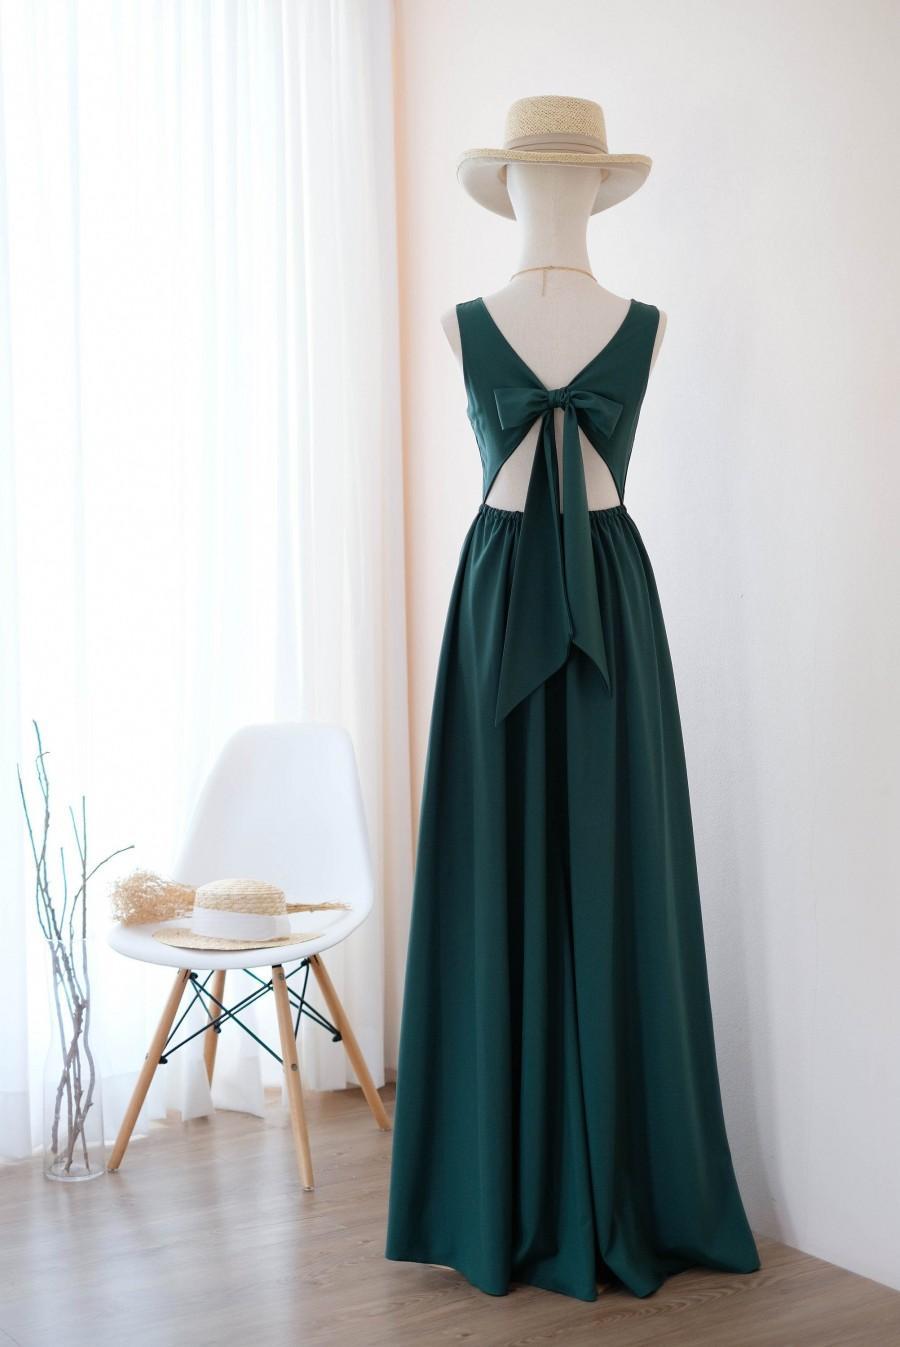 Hochzeit - Forest Green dress Long Bridesmaid dress Forest Green Wedding Dress Long Prom dress Party dress Cocktail dress Maxi dress Evening Gown